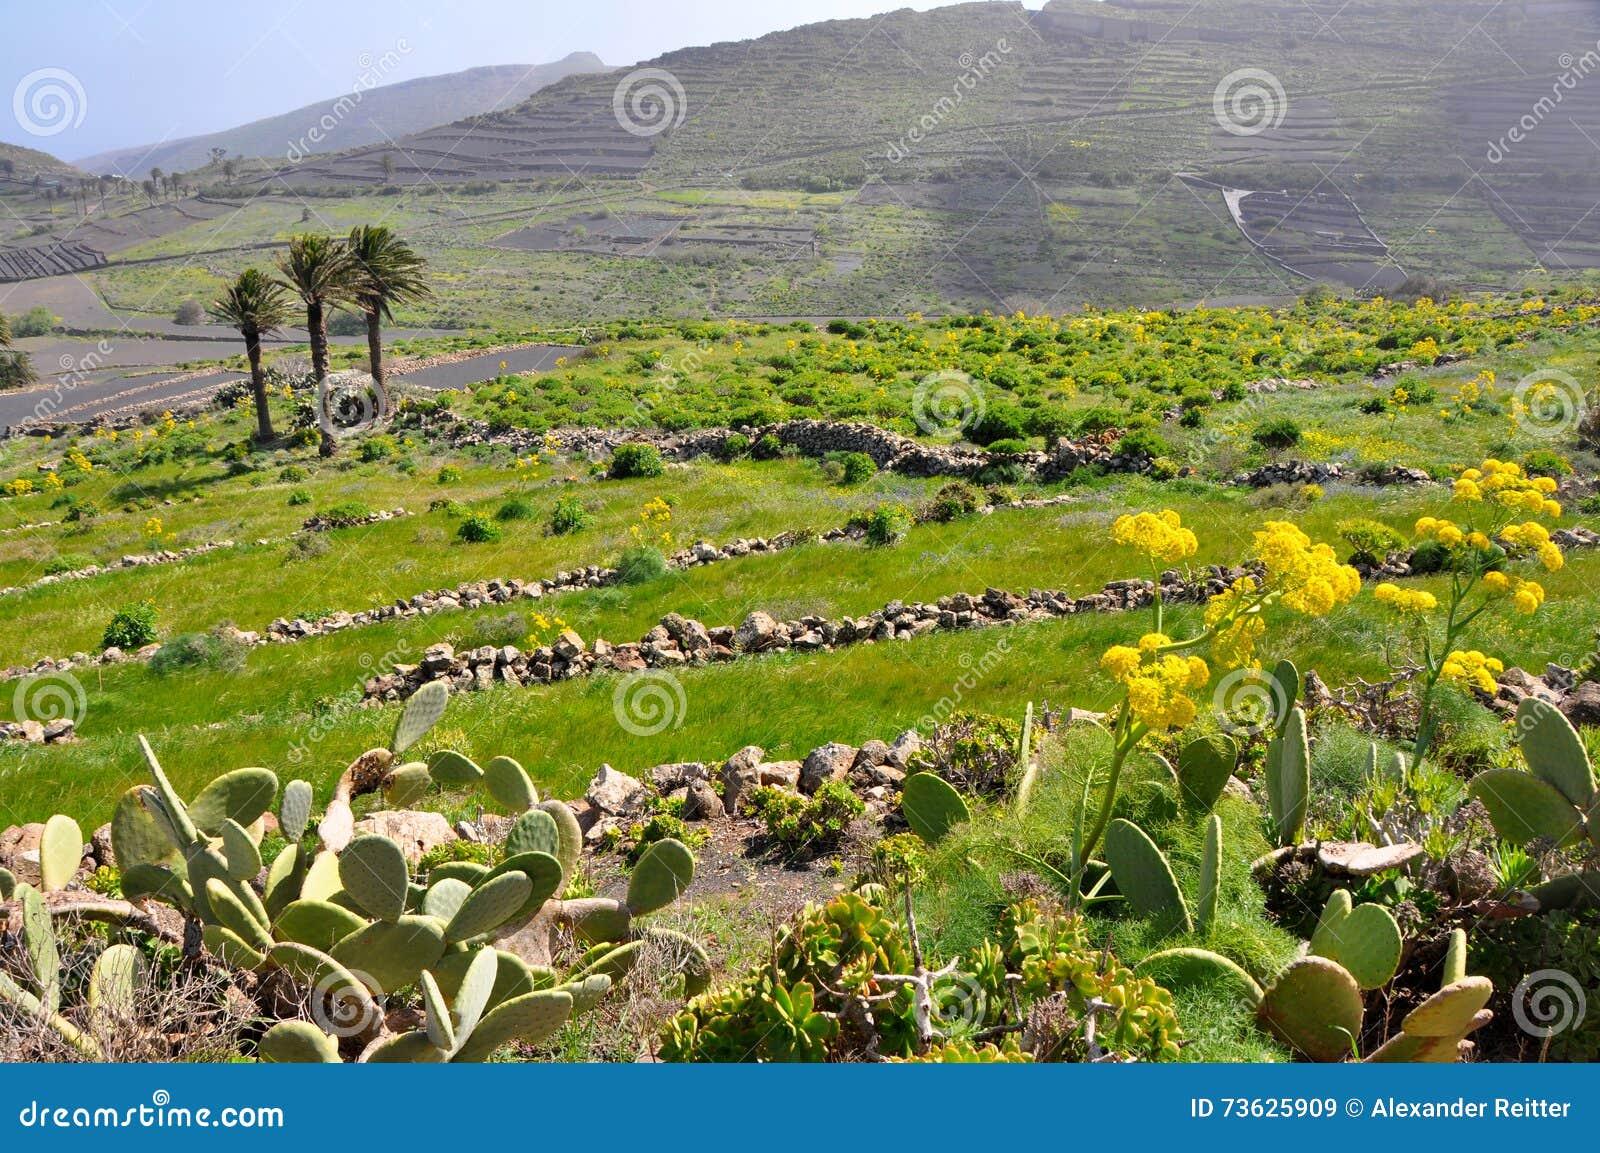 fertile soil volcano - photo #22